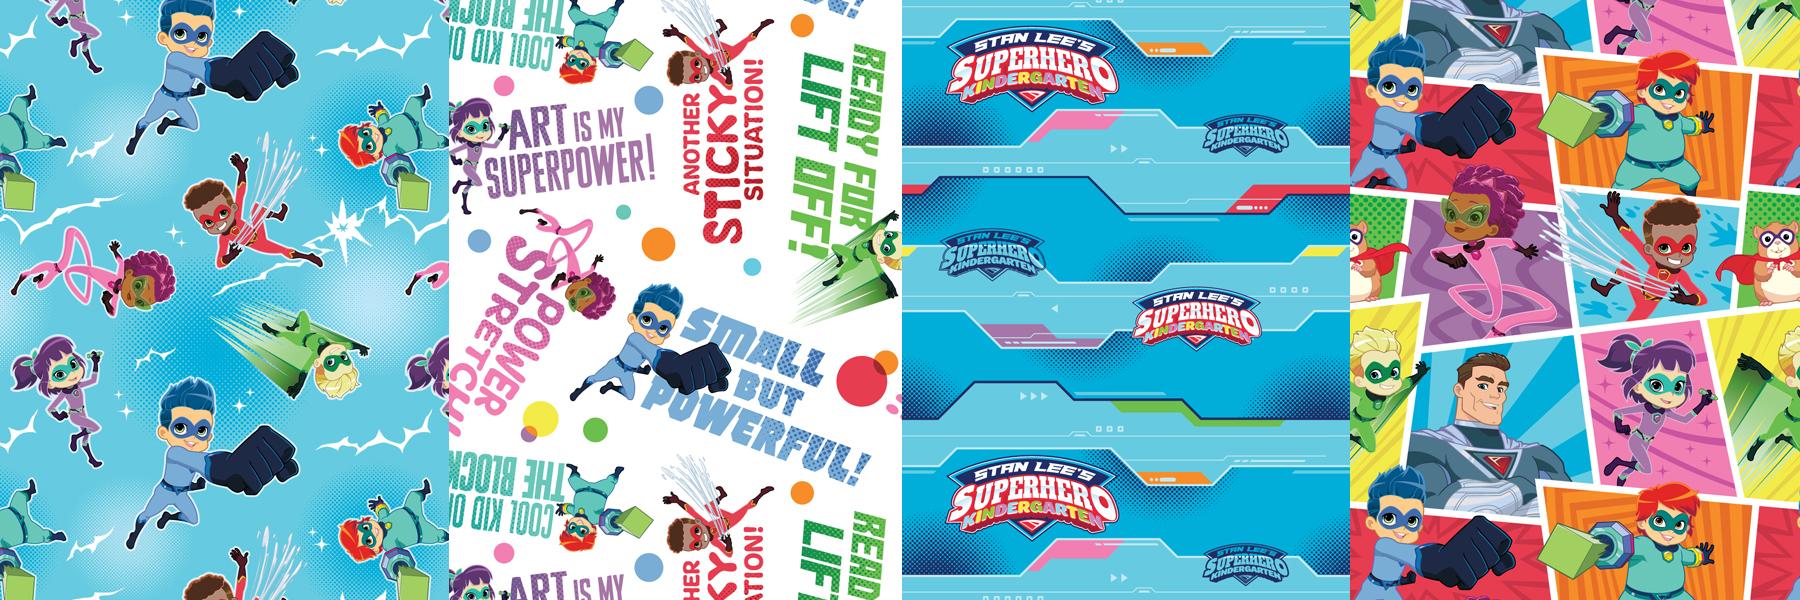 Stan Lee's Superhero Kindergarten Style Guide - Panel 5